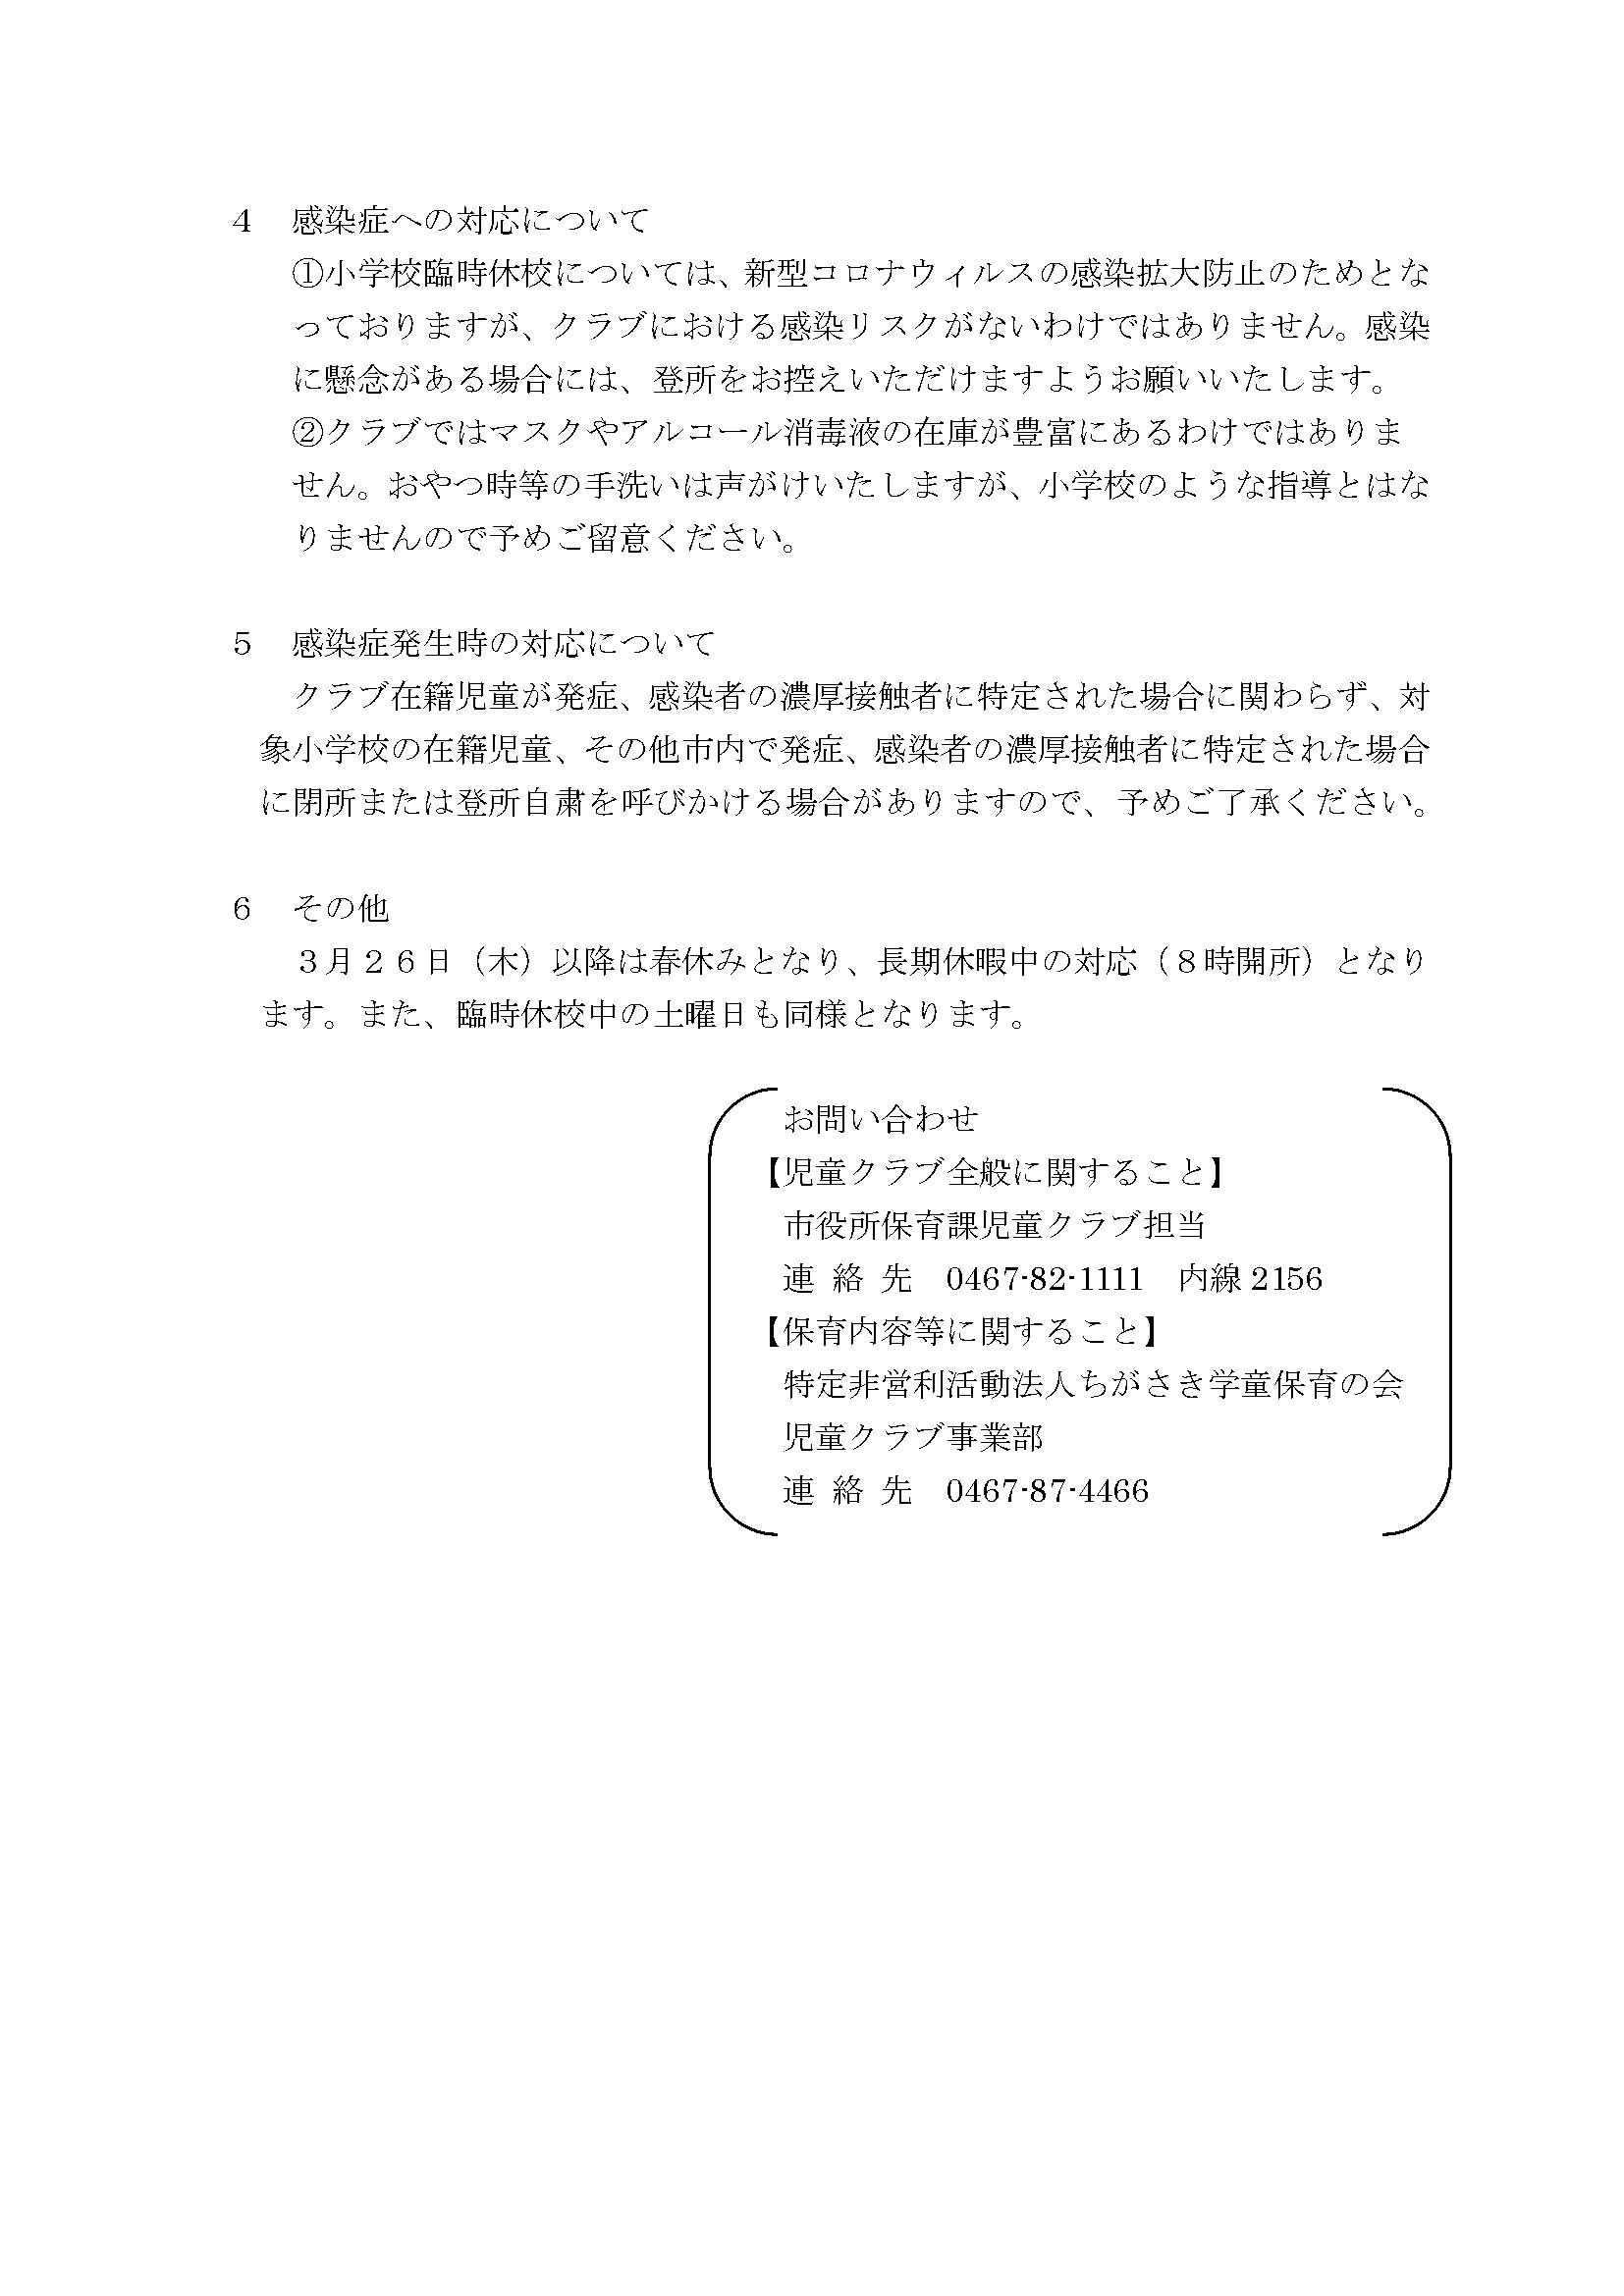 新型コロナウィルス感染症に関する小学校臨時休校に伴う公設民営児童クラブの対応について(通知)_2.jpg